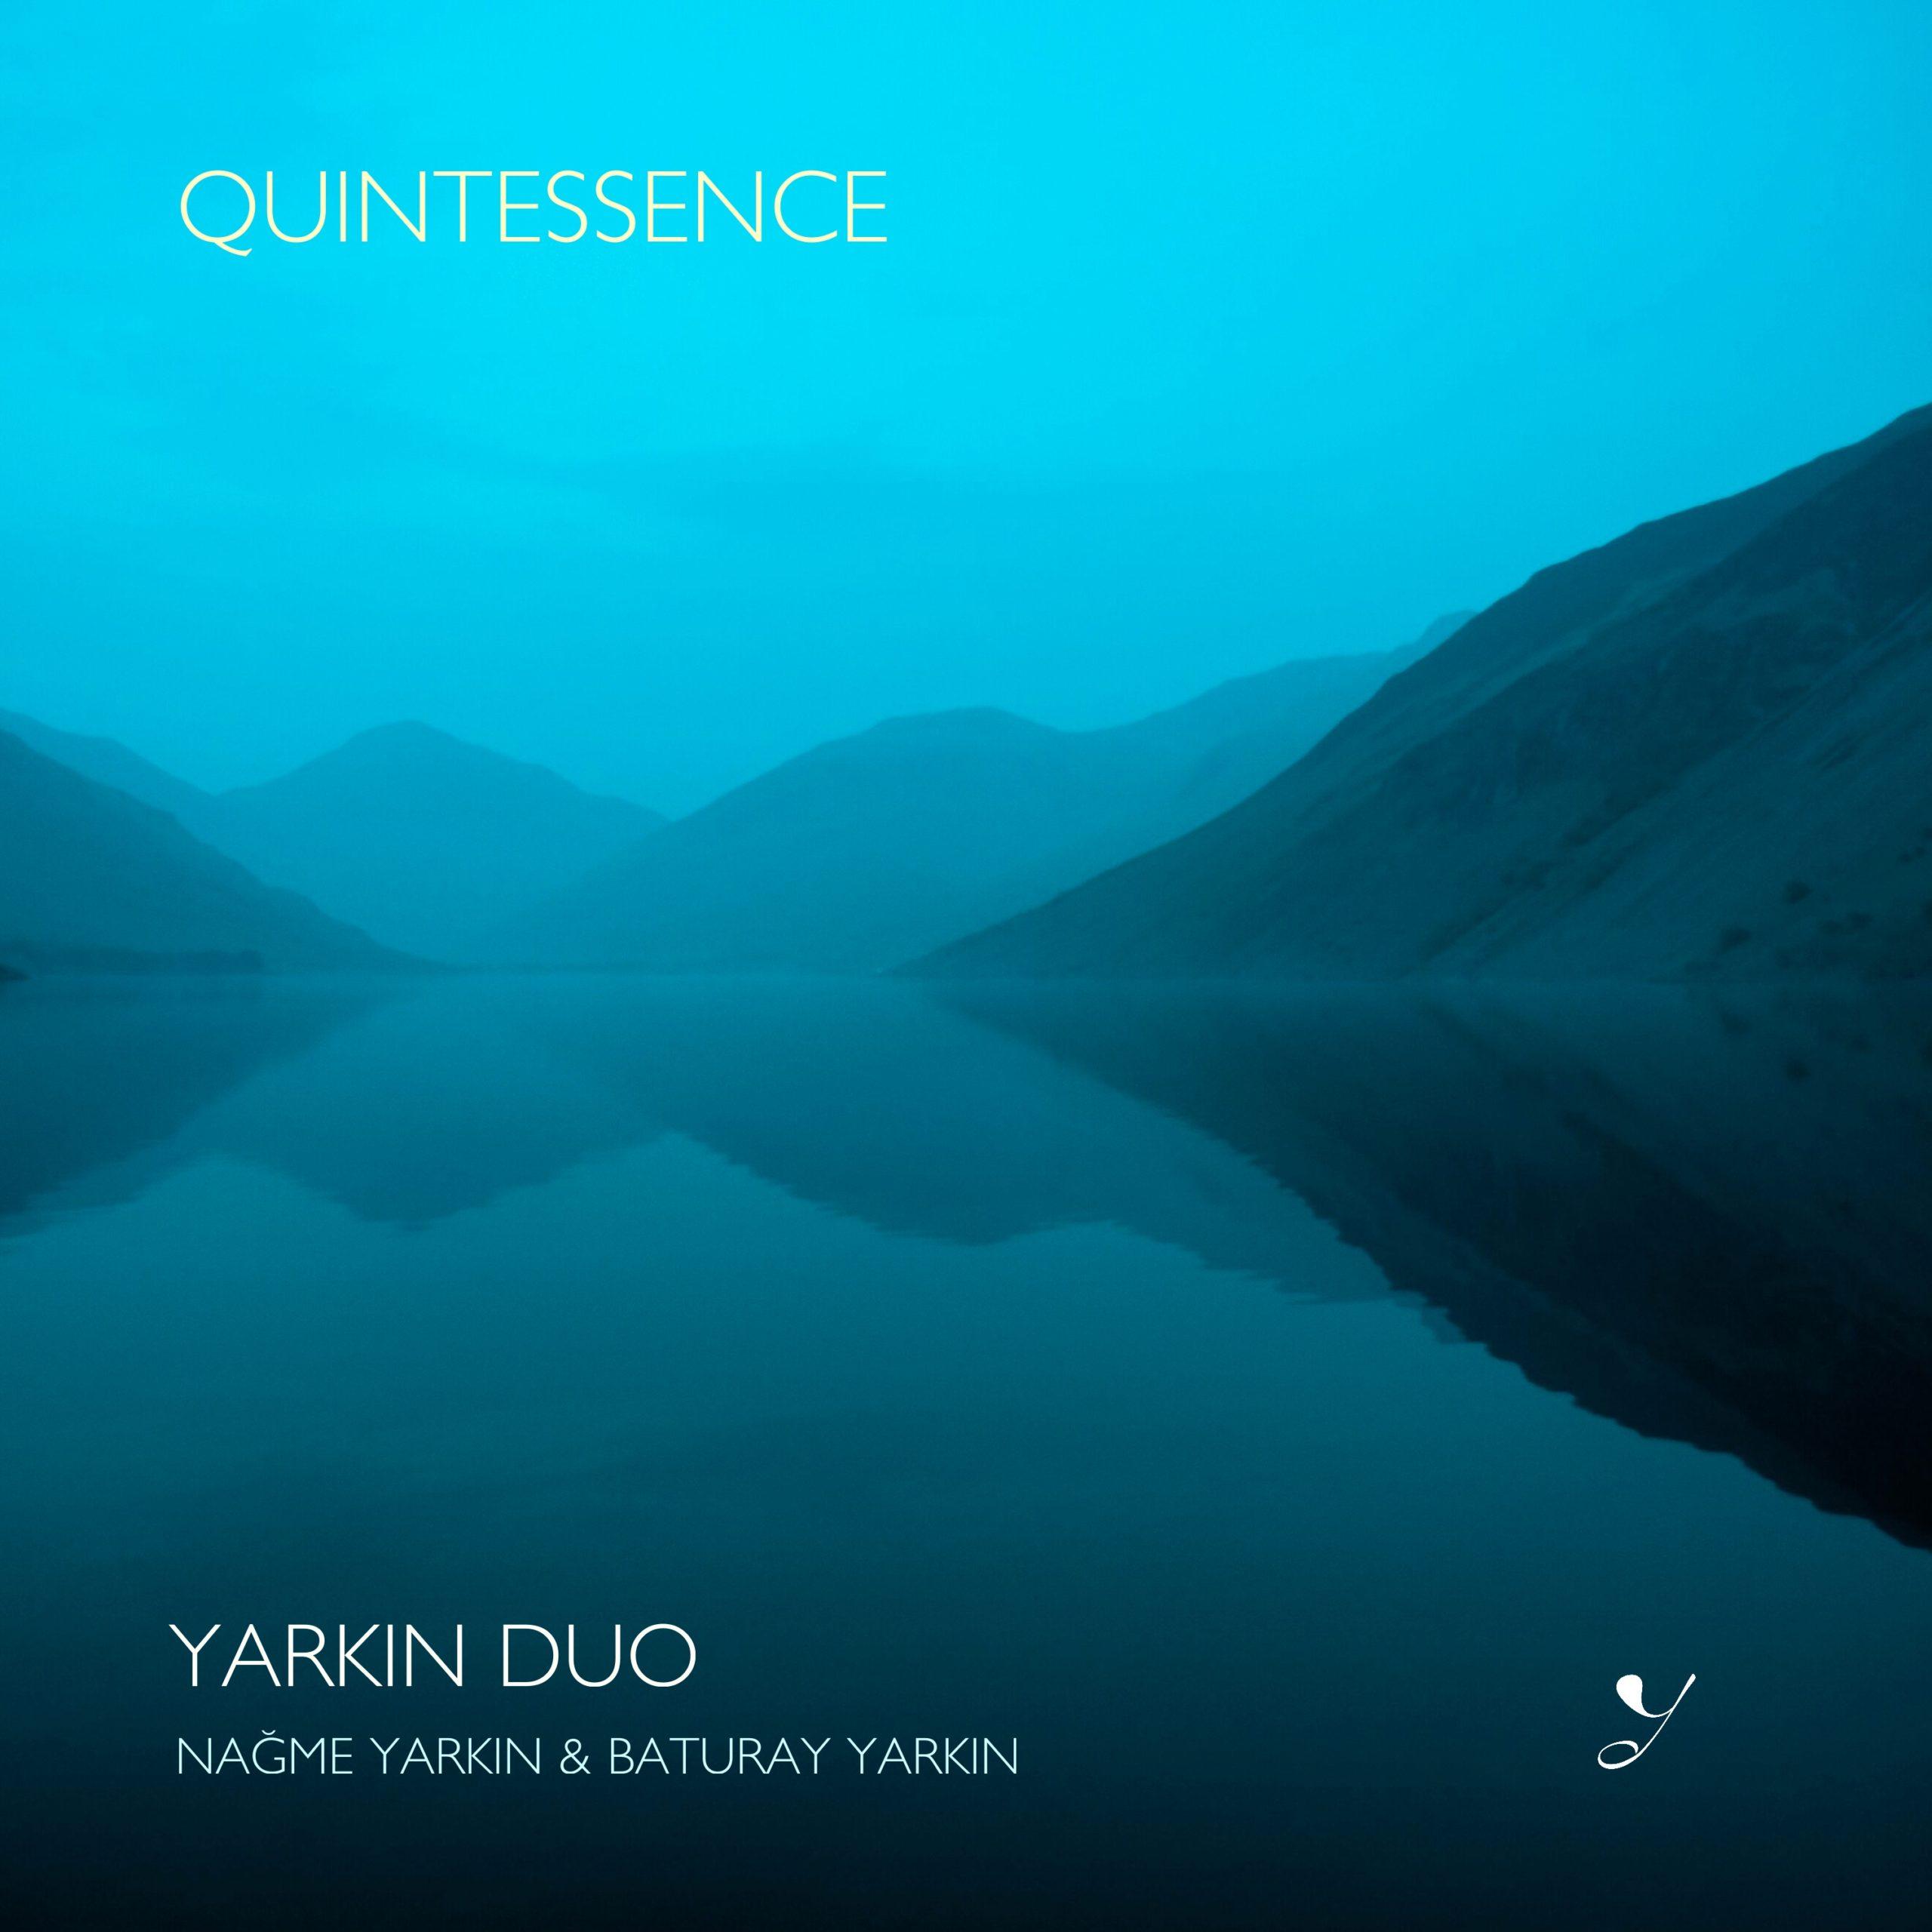 Yarkın Duo – Quintessence (2020)